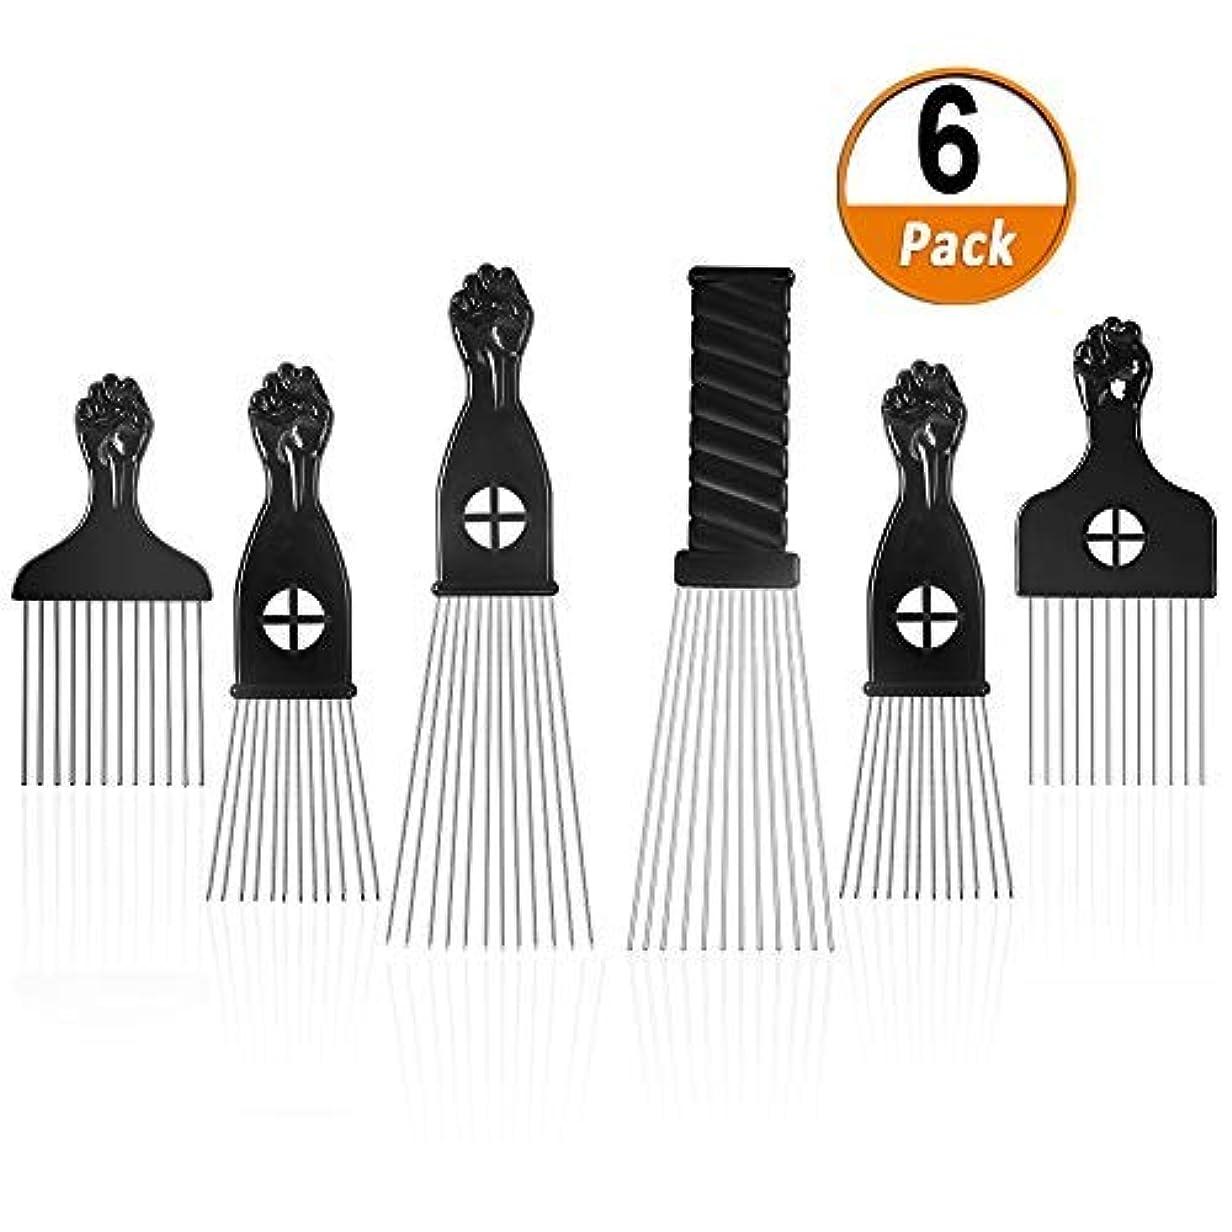 おとなしい不安敏感なAfro Pick 6 Pack Metal African American Afro Hair Comb Hairdressing Styling Tool Hair Pick with Black Fist [並行輸入品]